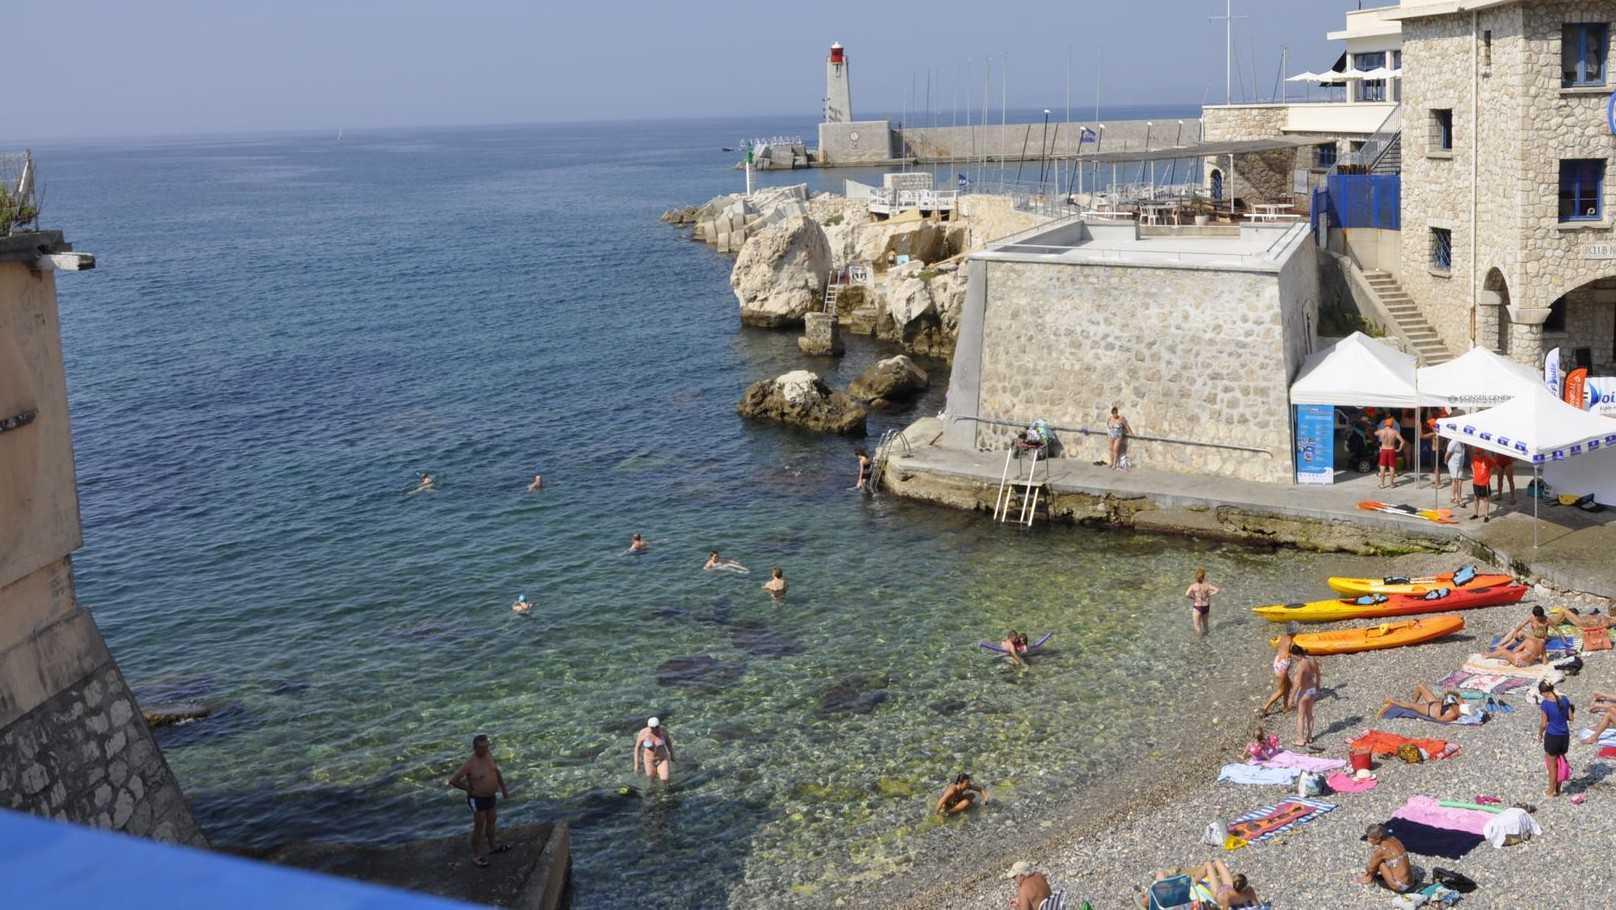 Club Nautique De Nice plage de la réserve - plages à nice - nice city life